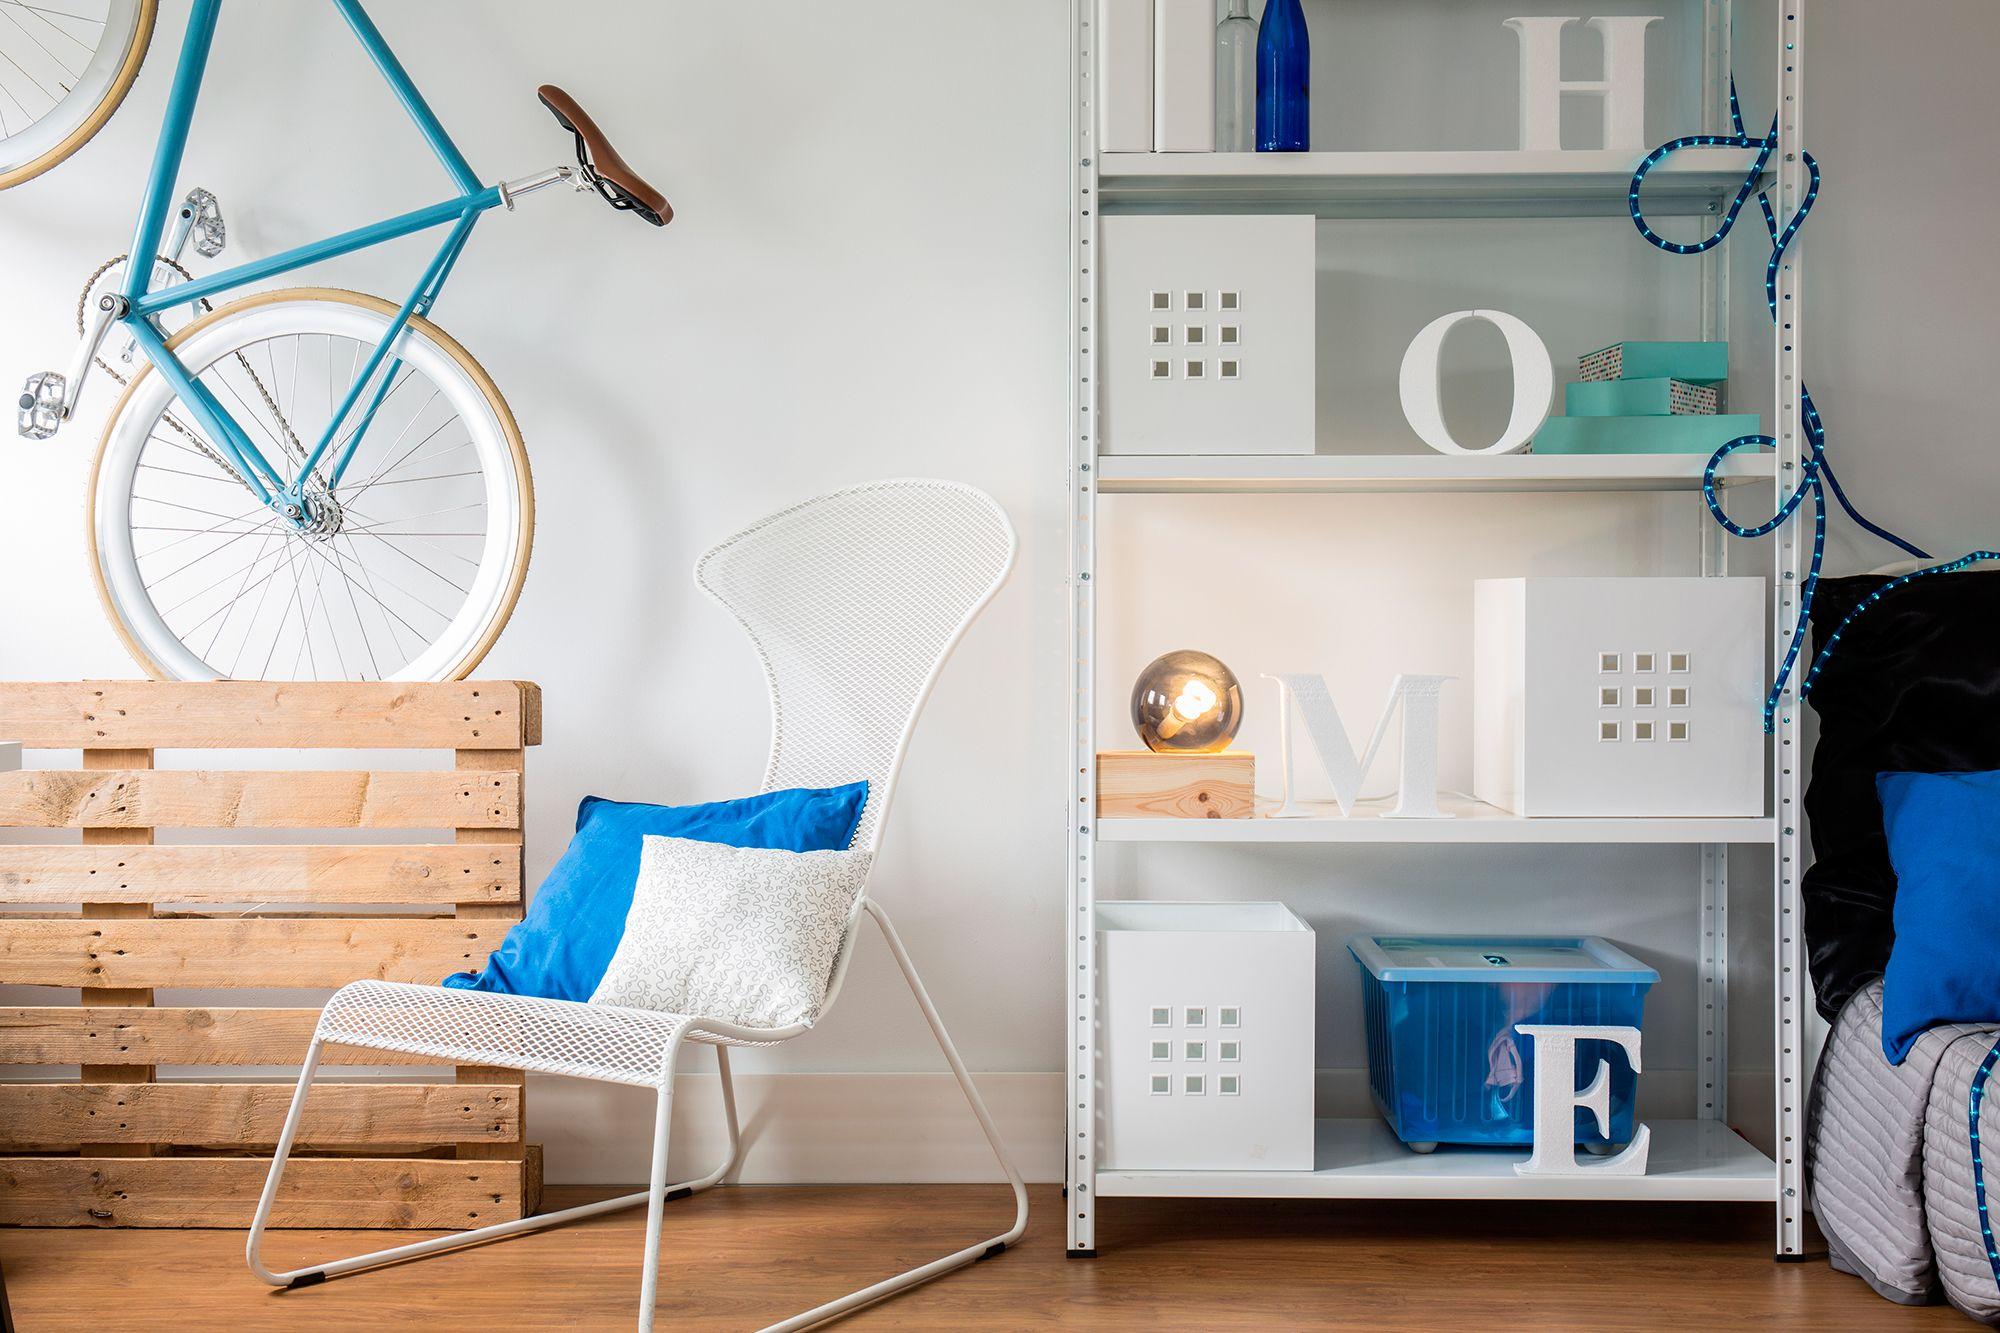 décorer la chambre de style nordique - palette